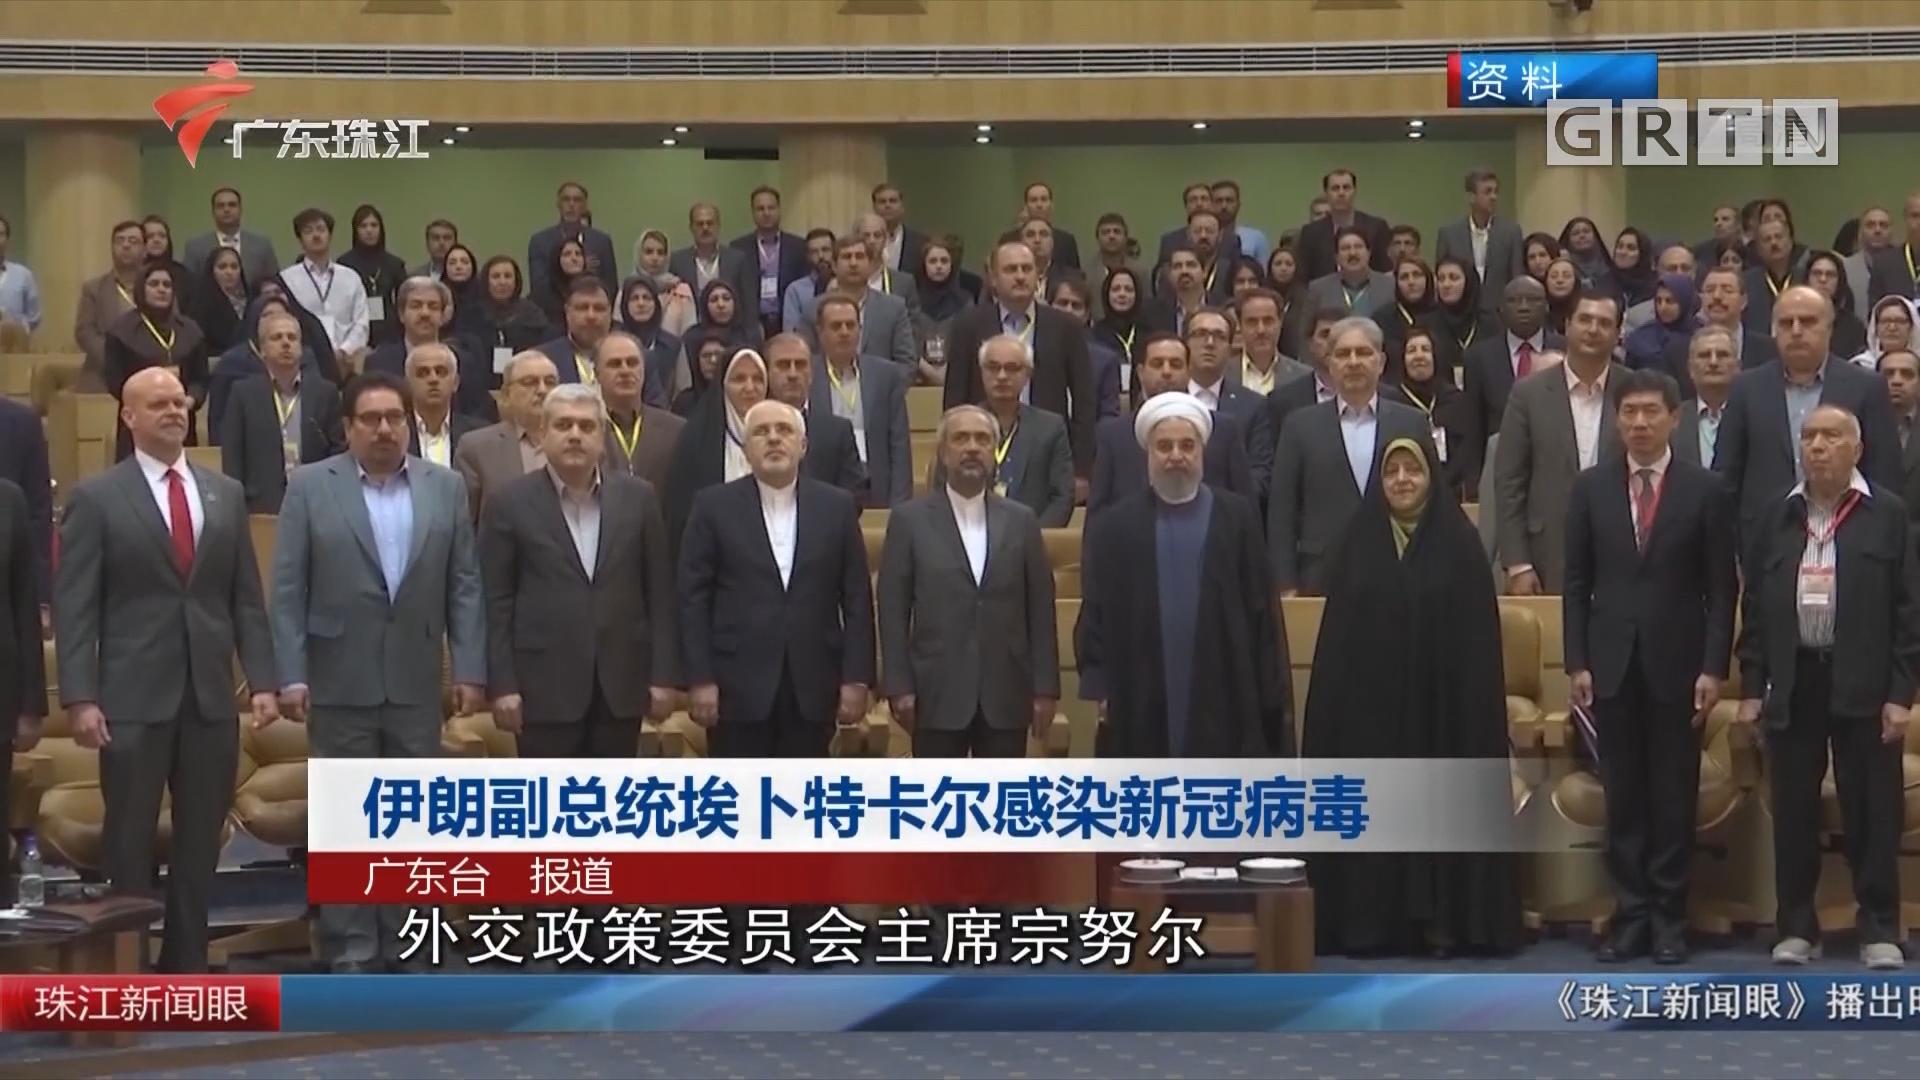 伊朗副总统埃卜特卡尔感染新冠病毒